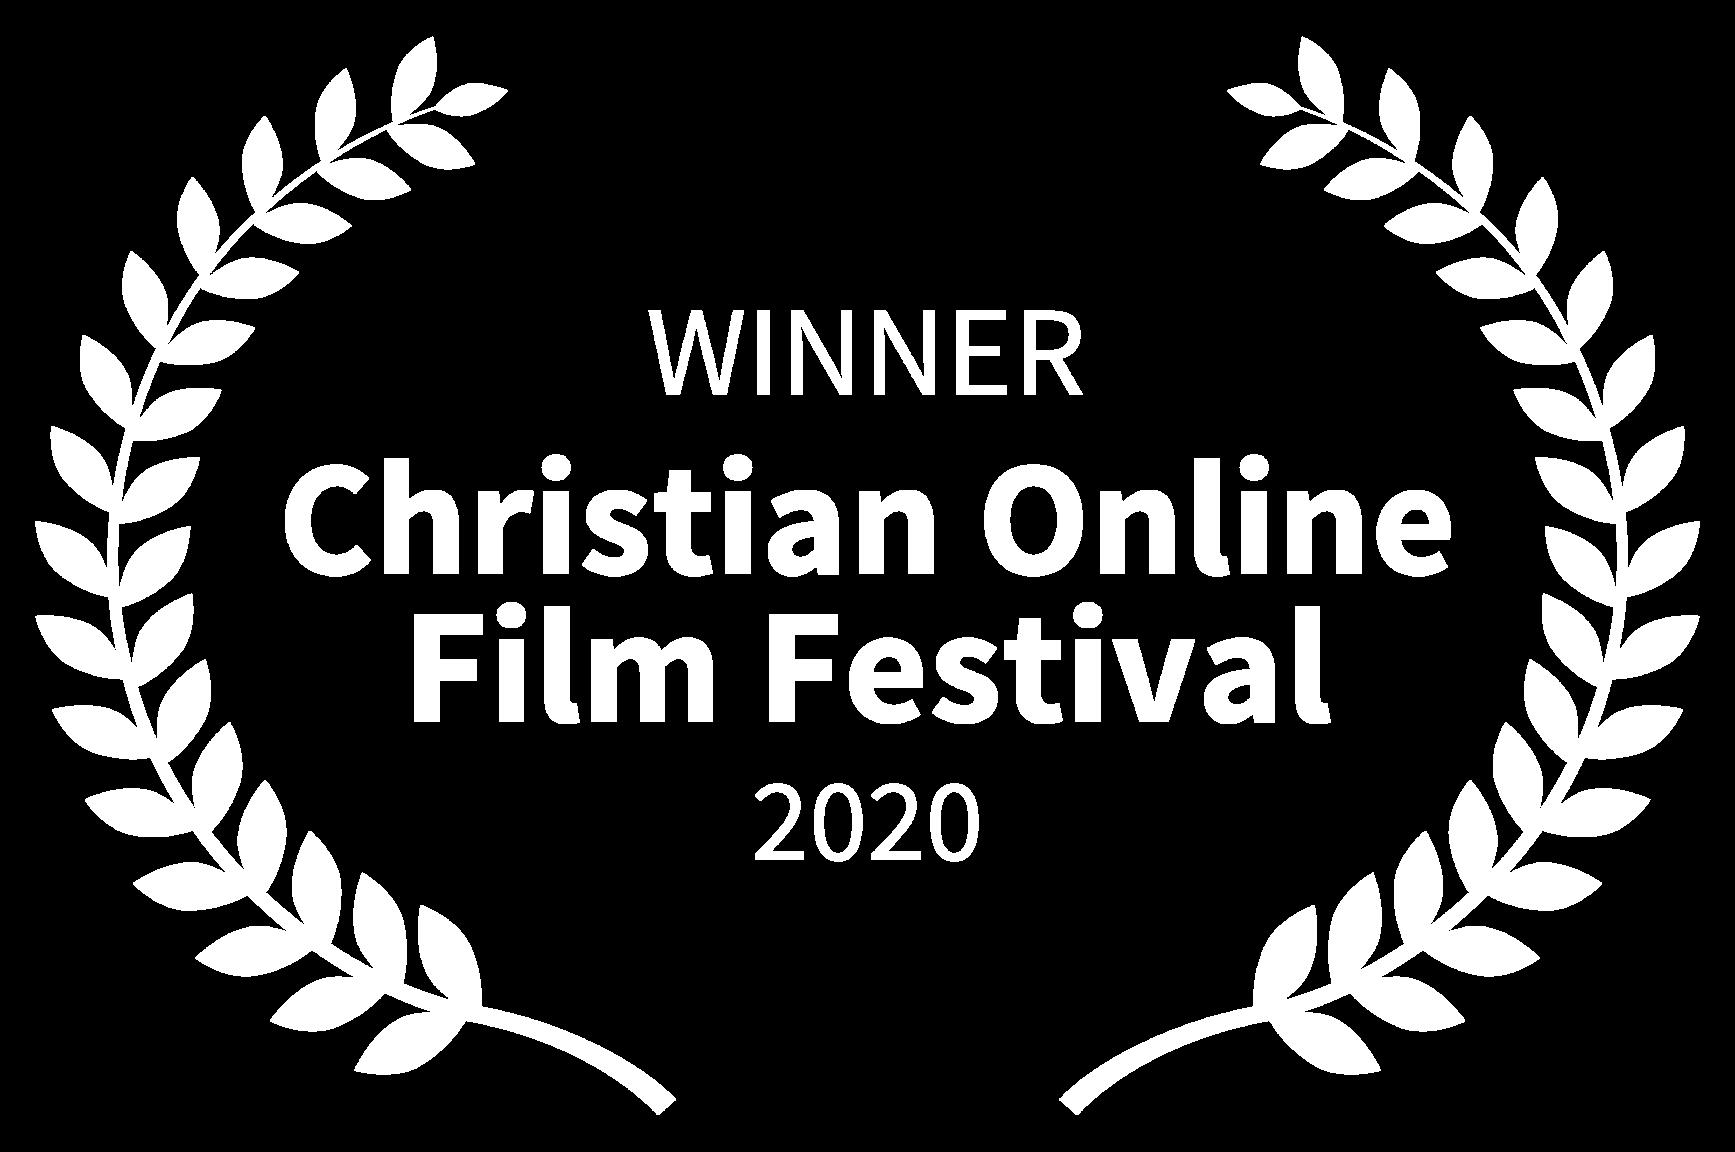 WINNER - Christian Online Film Festival - 2020